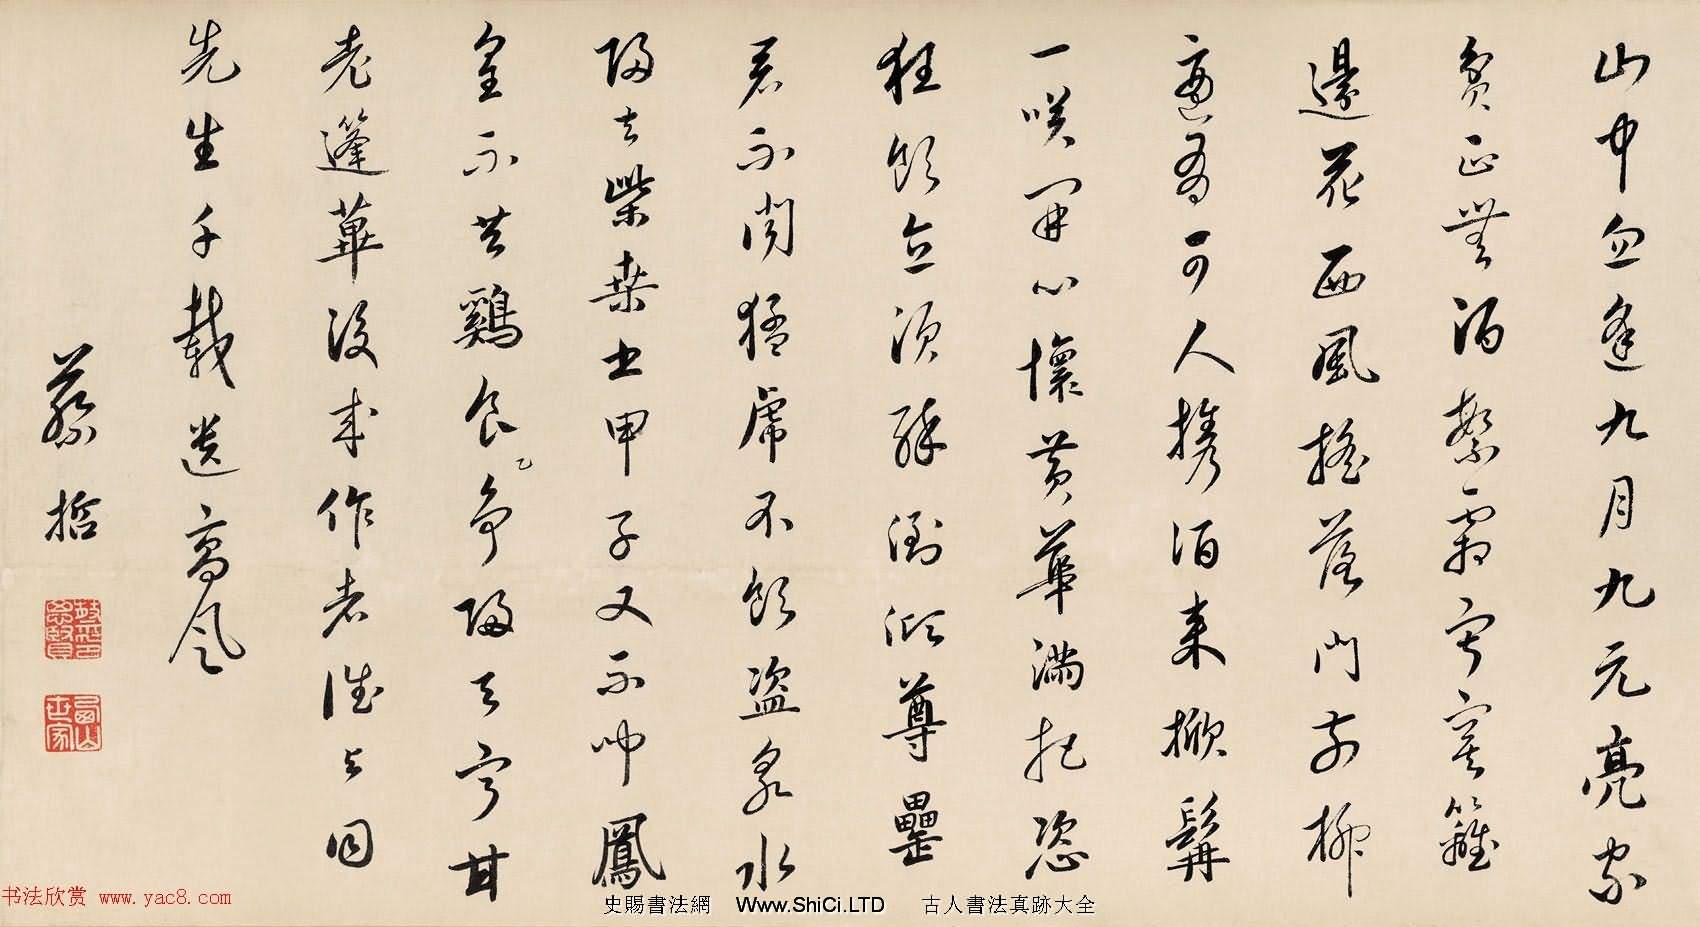 蔡哲書法題跋重陽節陶元亮賞菊圖(共4張圖片)